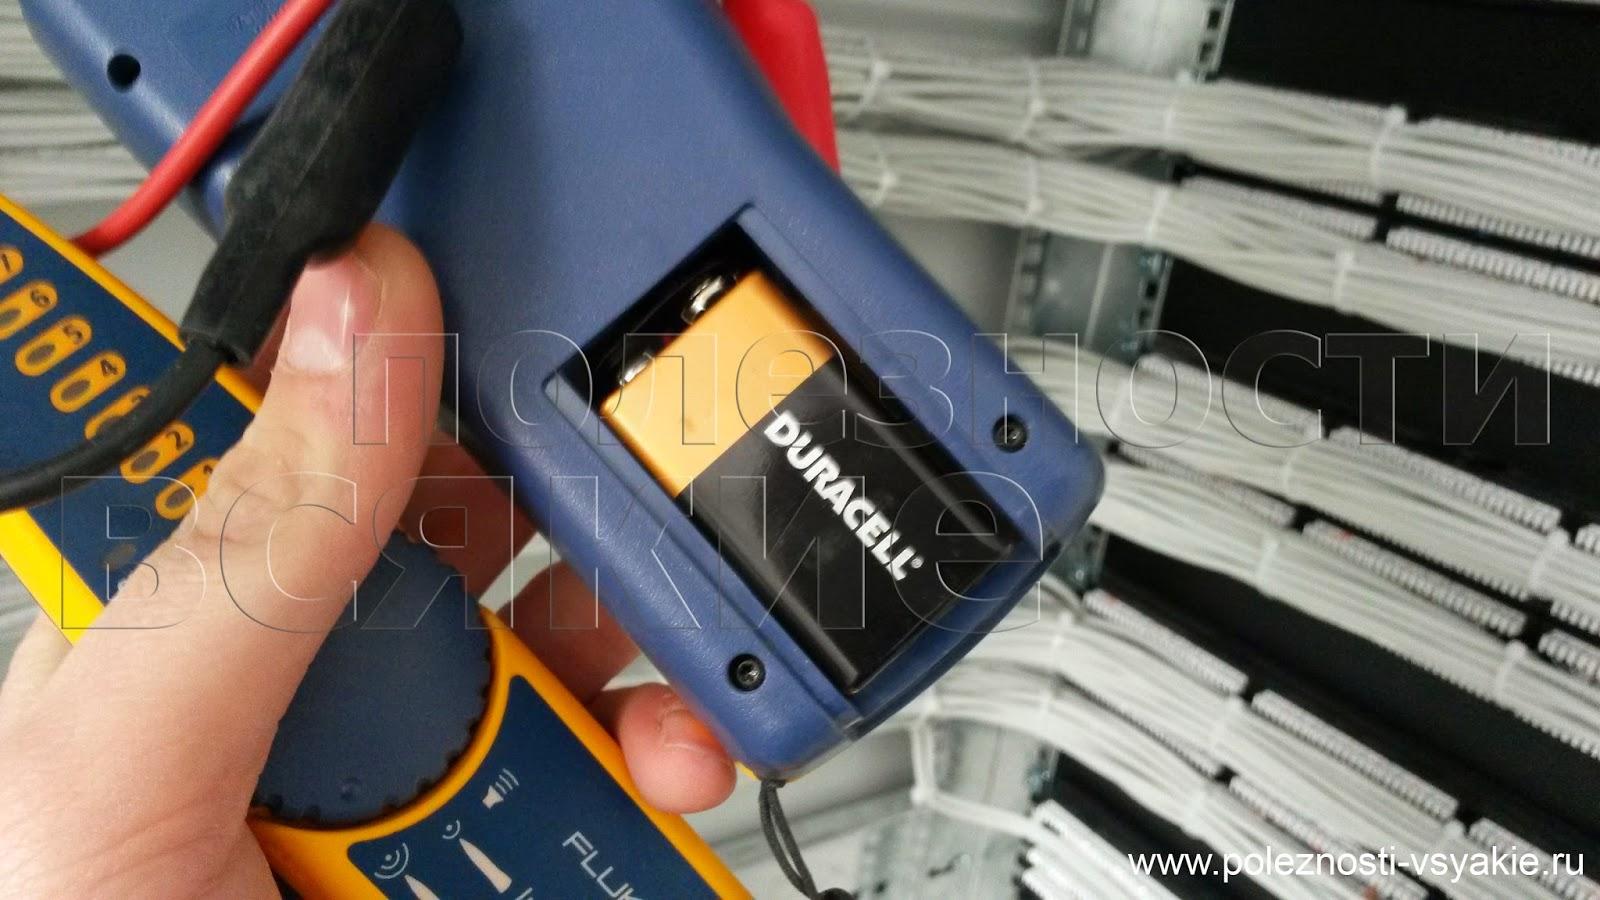 Fluke intellitone Pro 100 TONER питается от батарейки крона